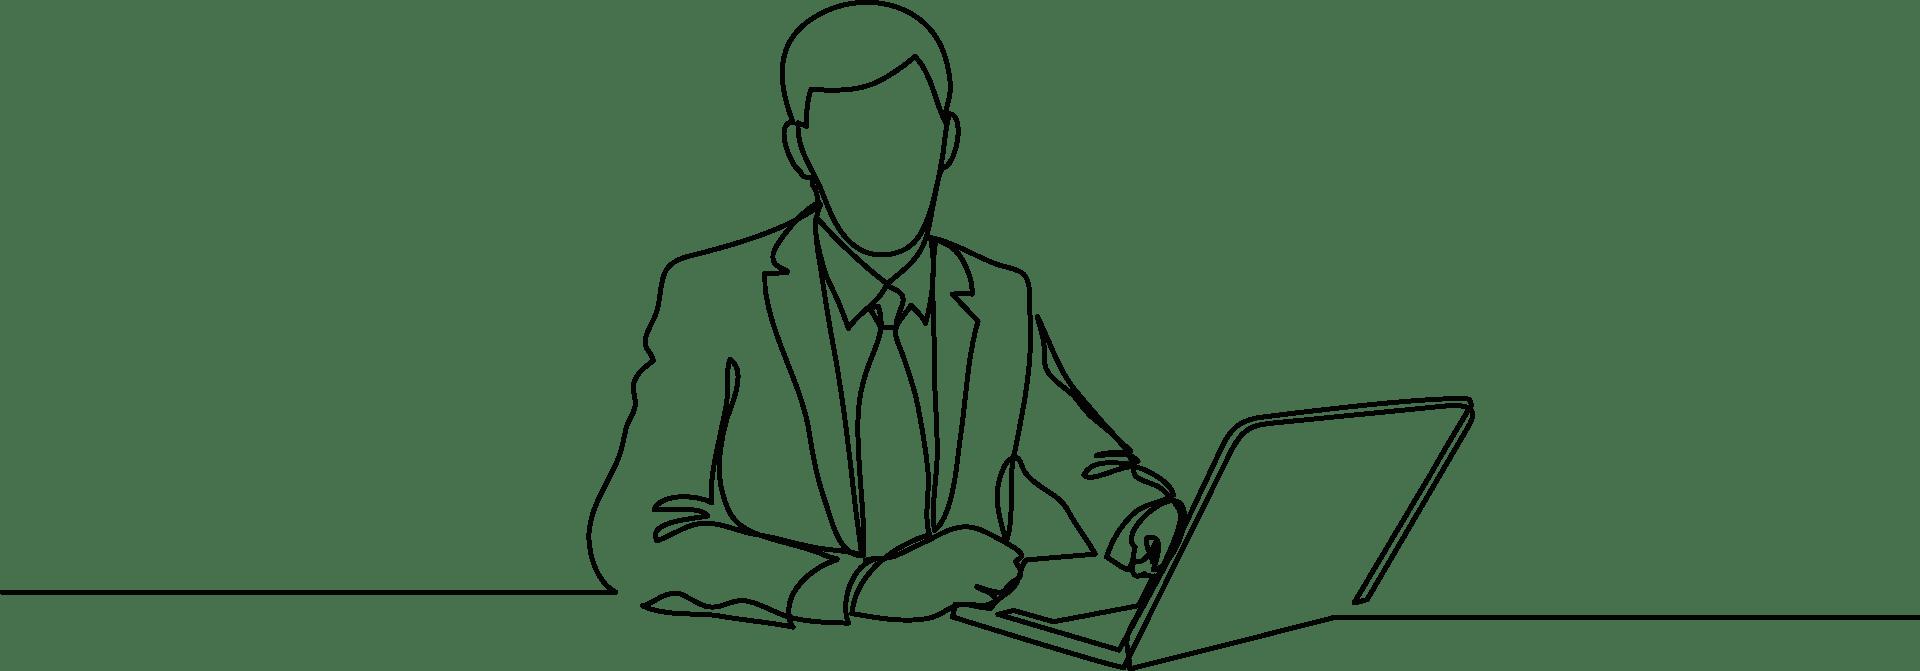 Web Design Questionnaire